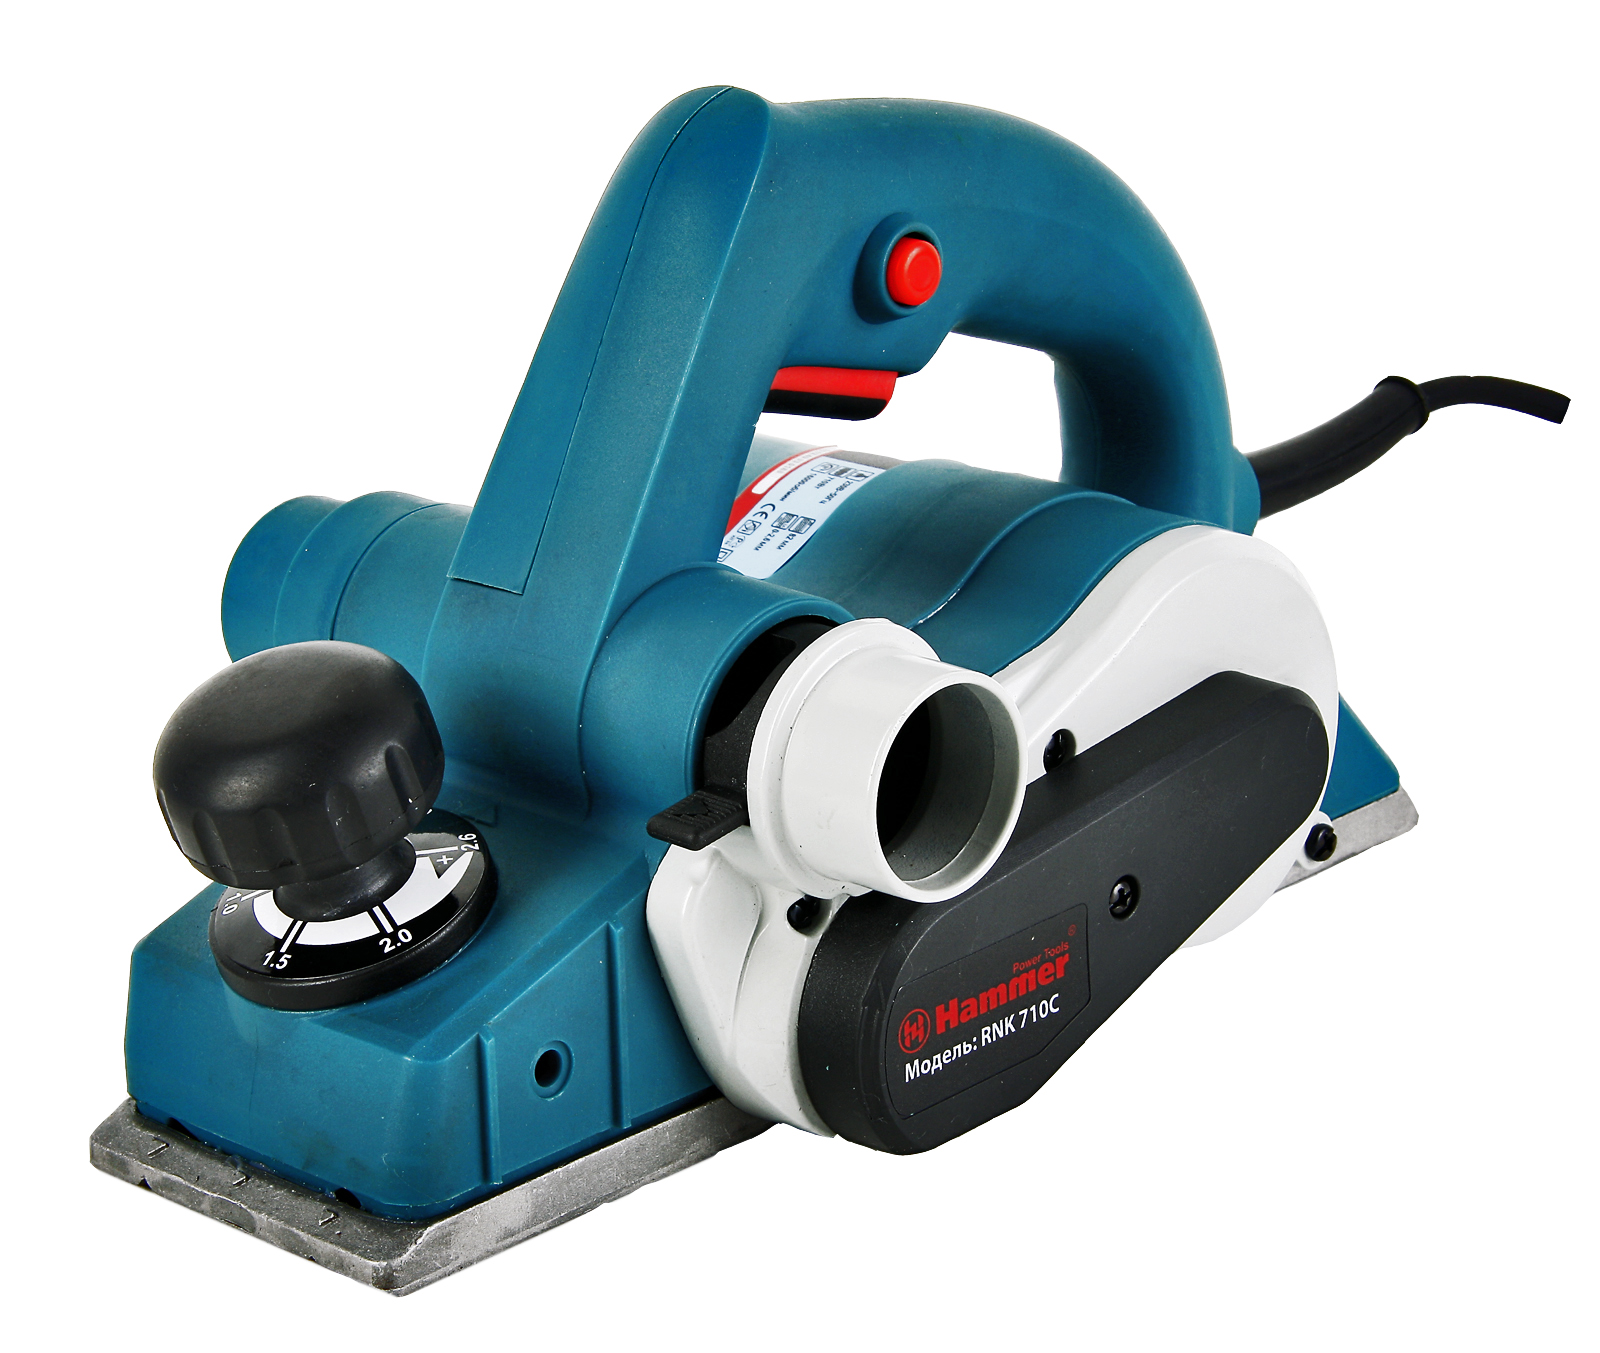 Рубанок Hammer Rnk710c premium